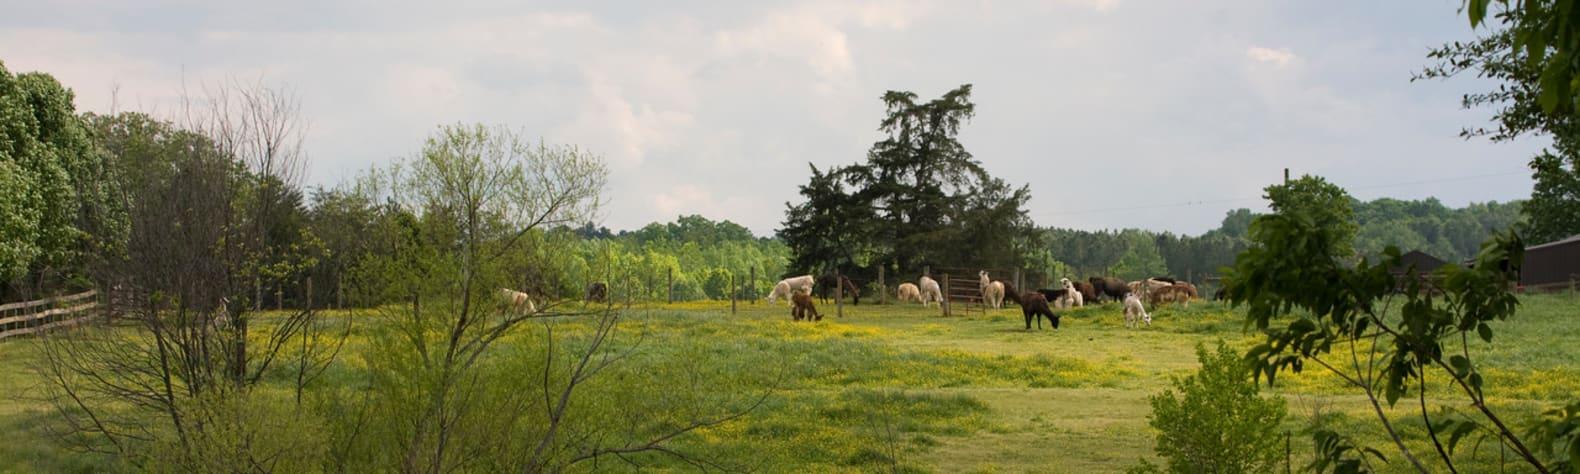 Lower Sherwood Farm